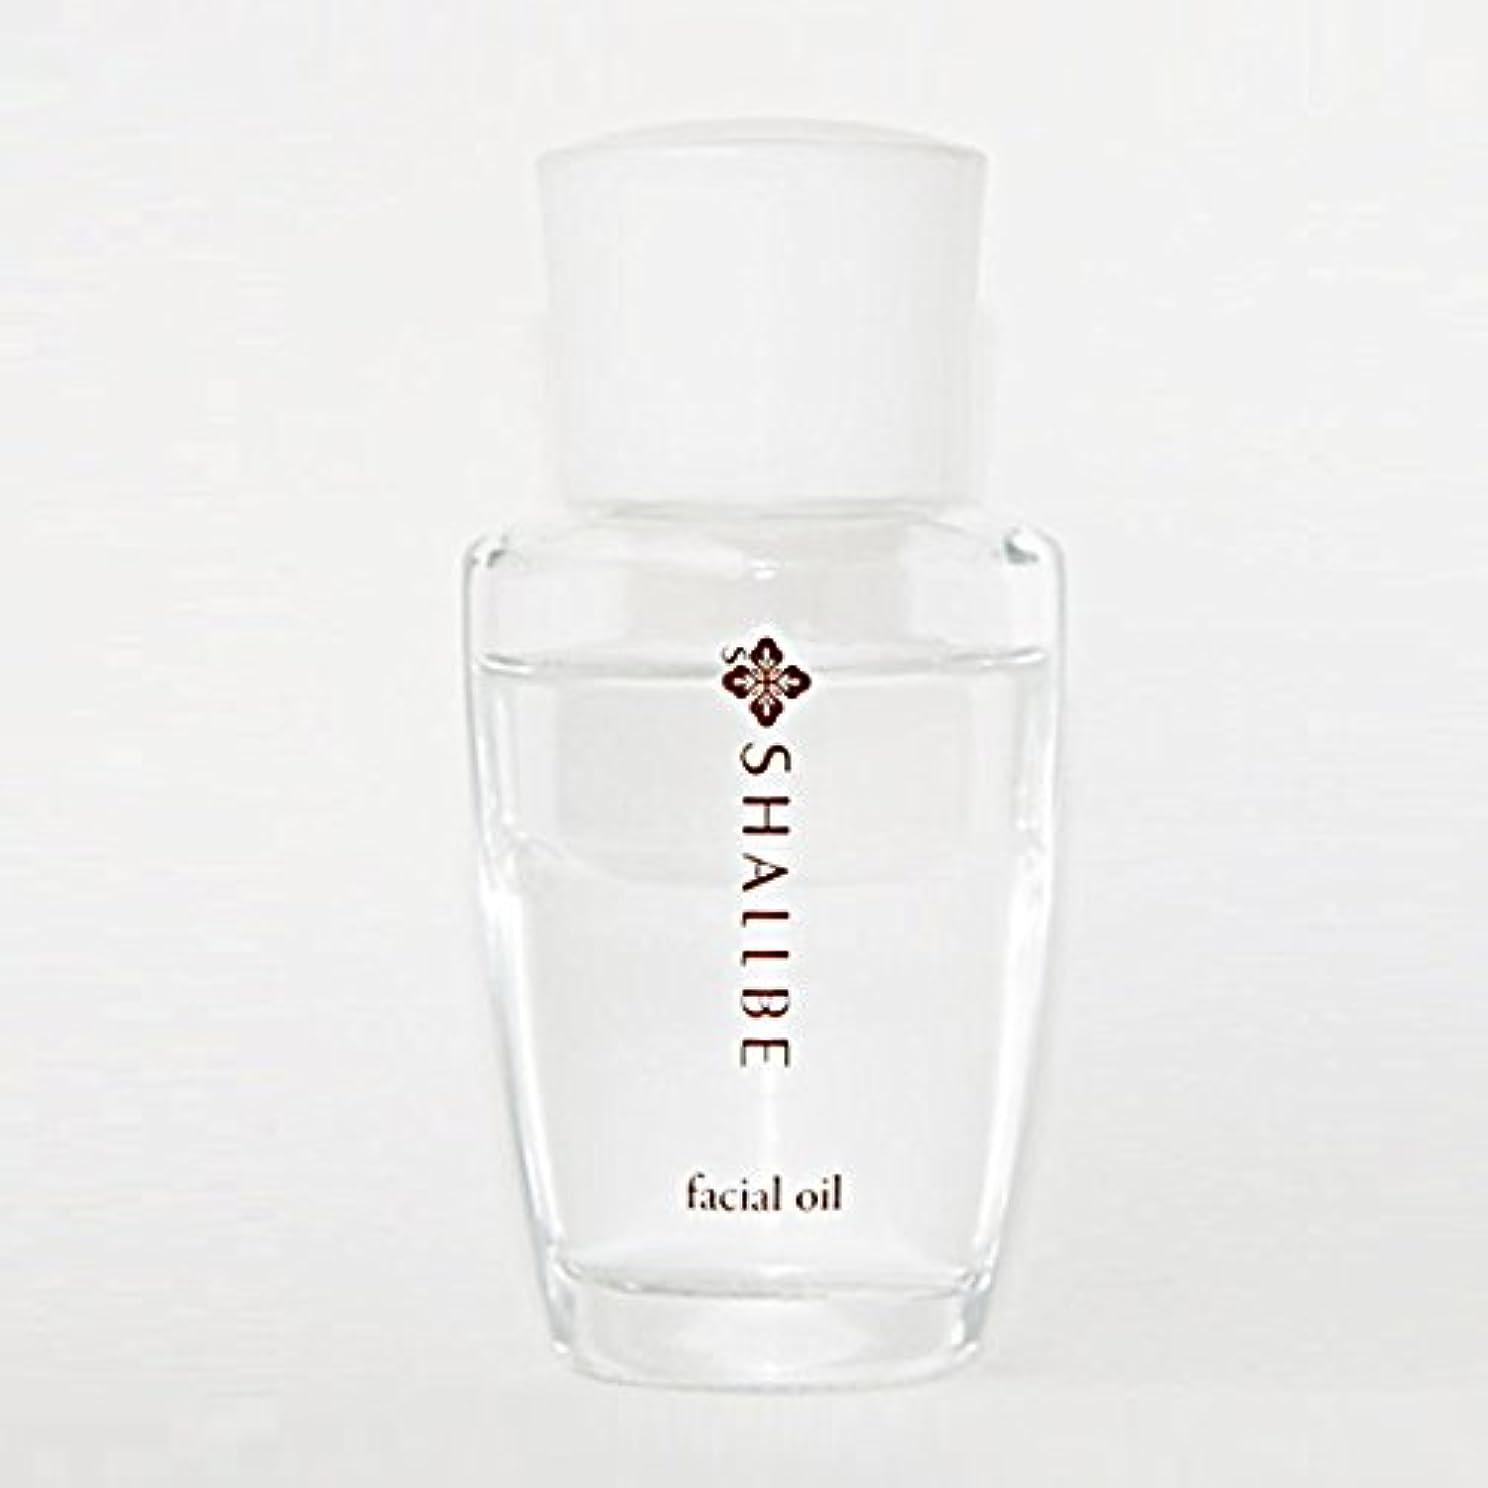 気配りのある長さ熱帯のシャルビー カクテル スクワラン オイル 26ml 美容液 2層 スクワランオイル